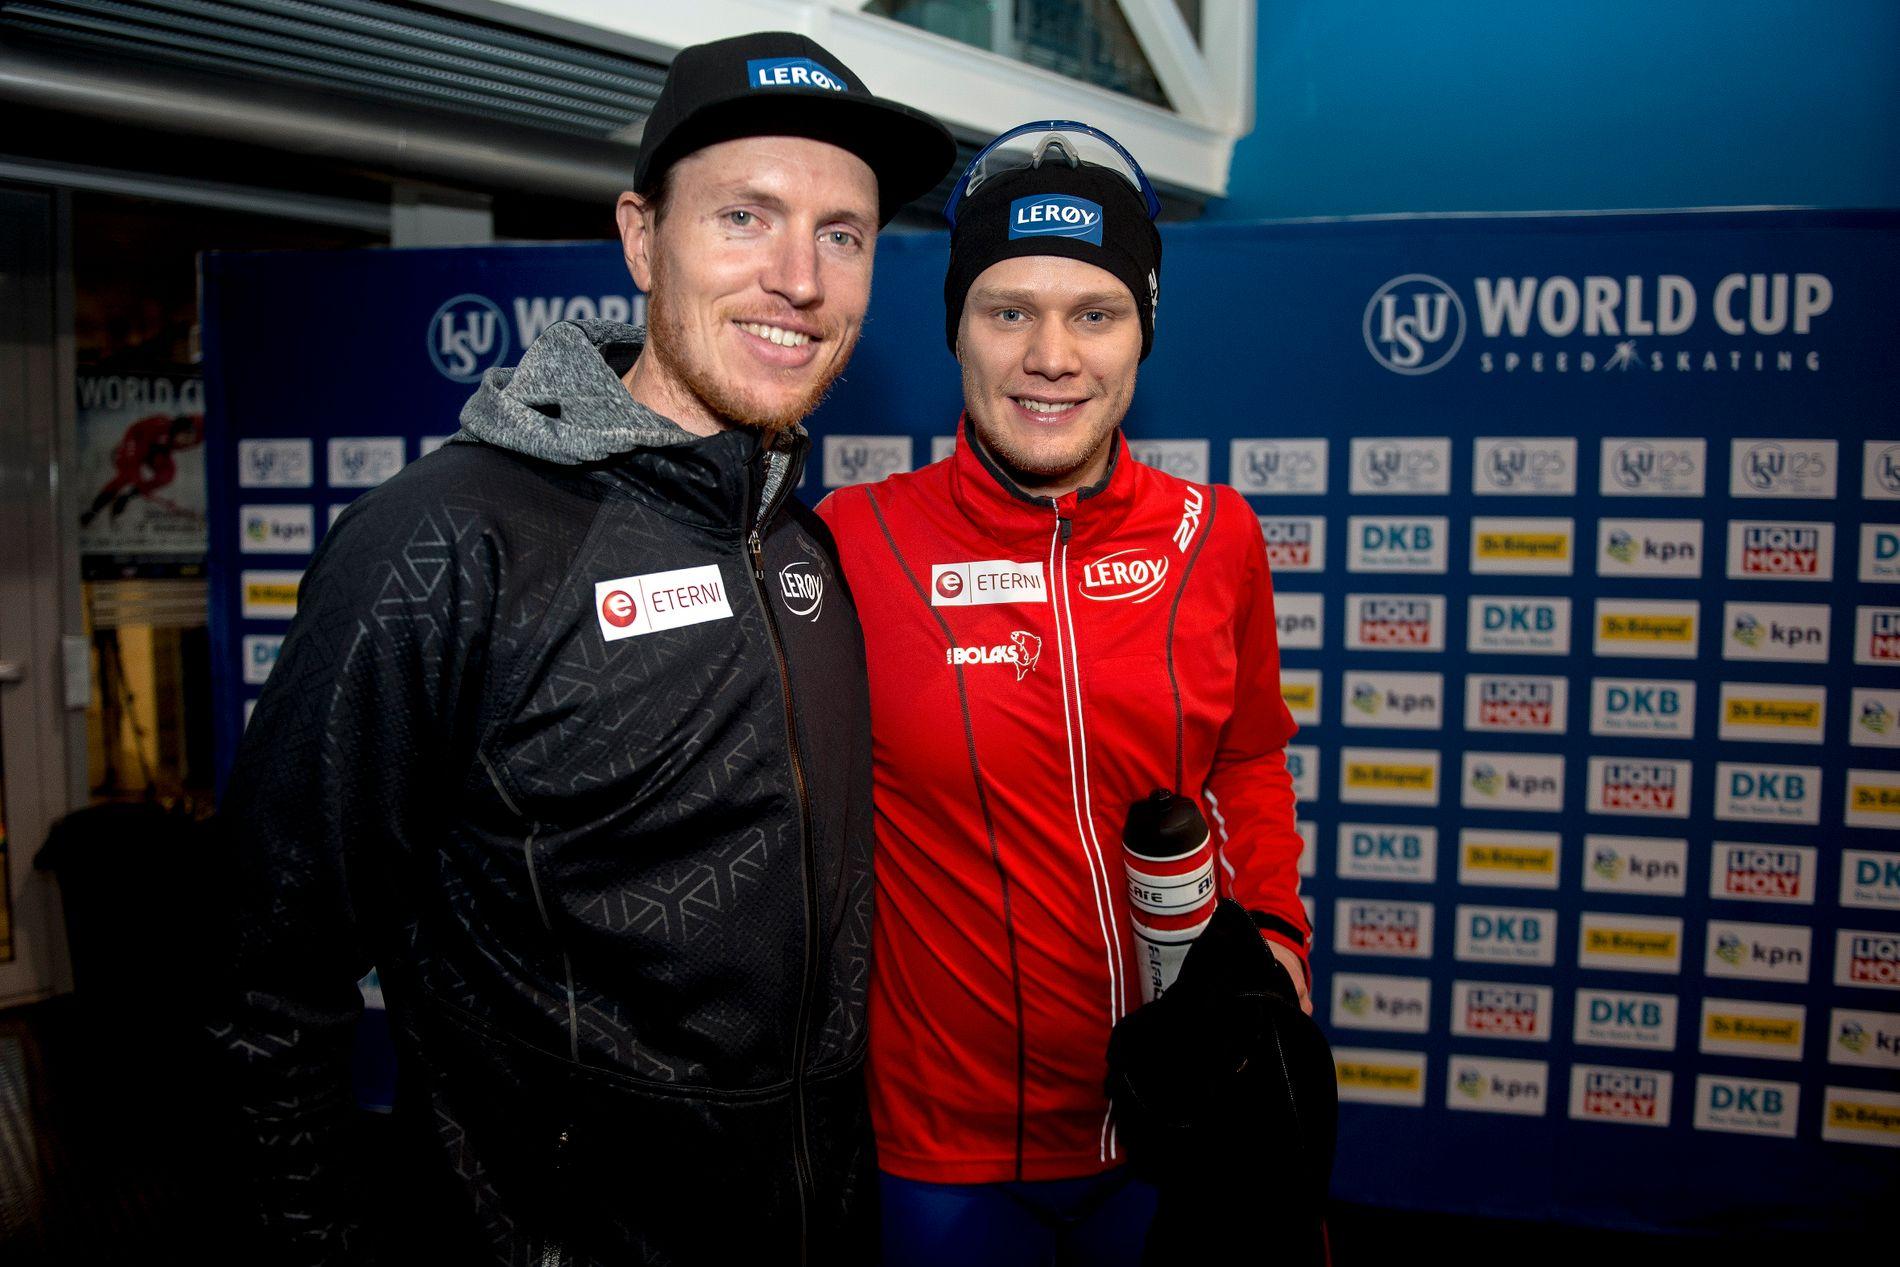 VELFUNGERENDE DUO: Trener Jeremy Wotherspoon og Håvard Holmefjord Lorentzen var glad for to verdenscupseirer i Sørmarka Arena. Foto: Carina Johansen/NTB scanpix